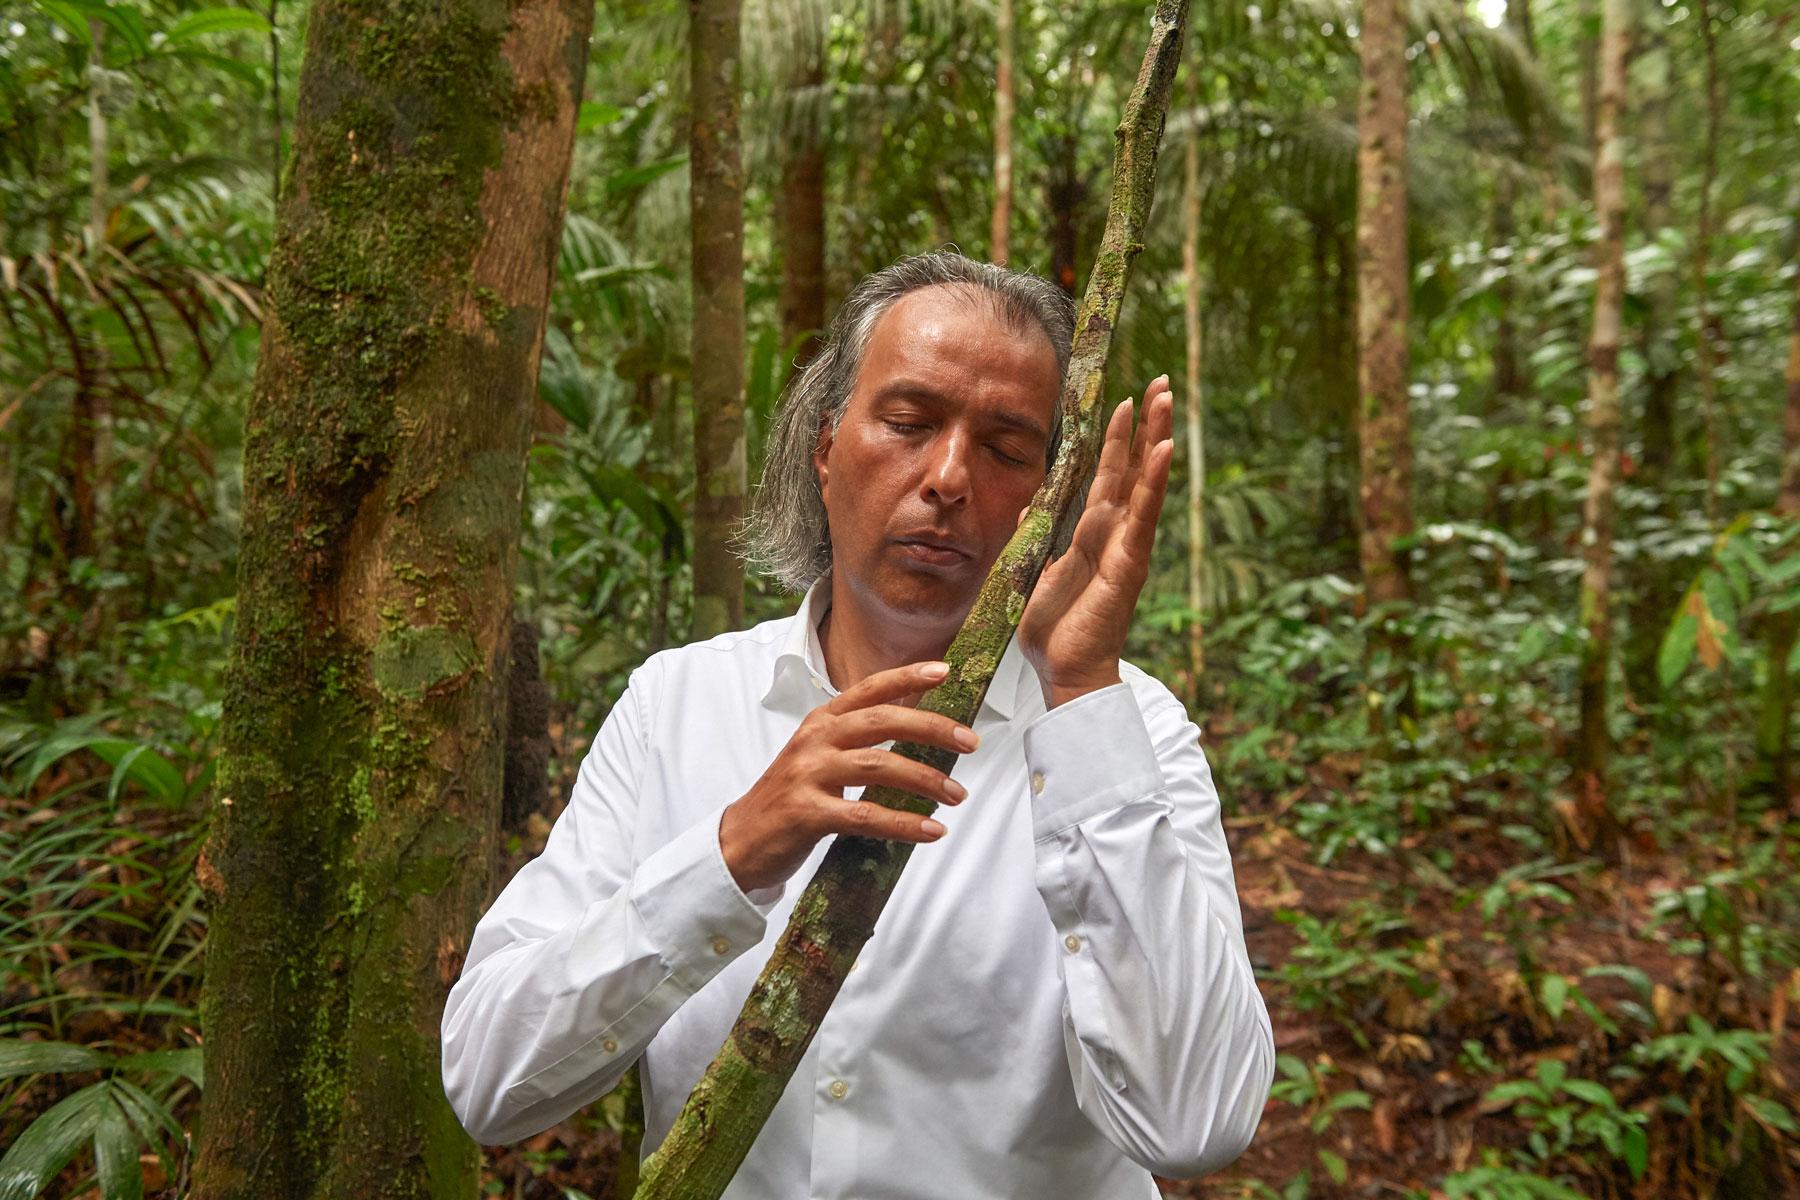 Heiliger Mann in weißer Kleidung fühlt und segnet ein Baumgewächs im Regenwald